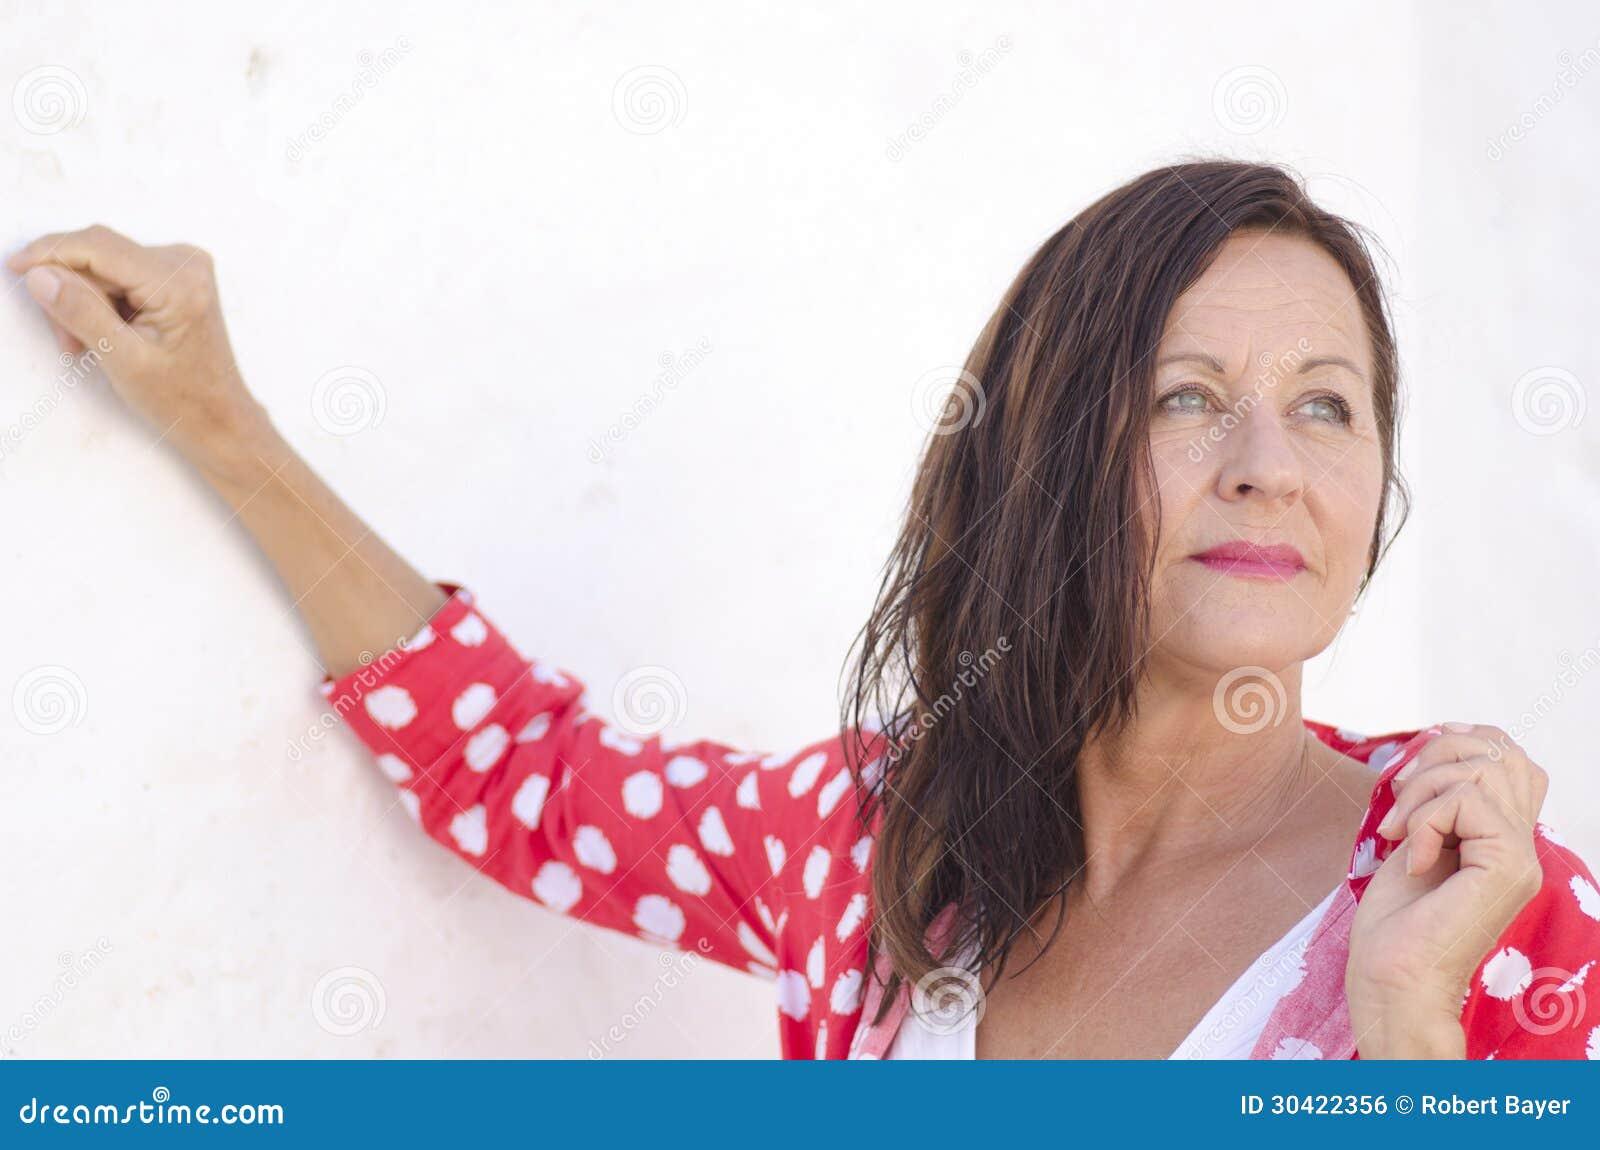 Расслабил зрелую женщину 23 фотография